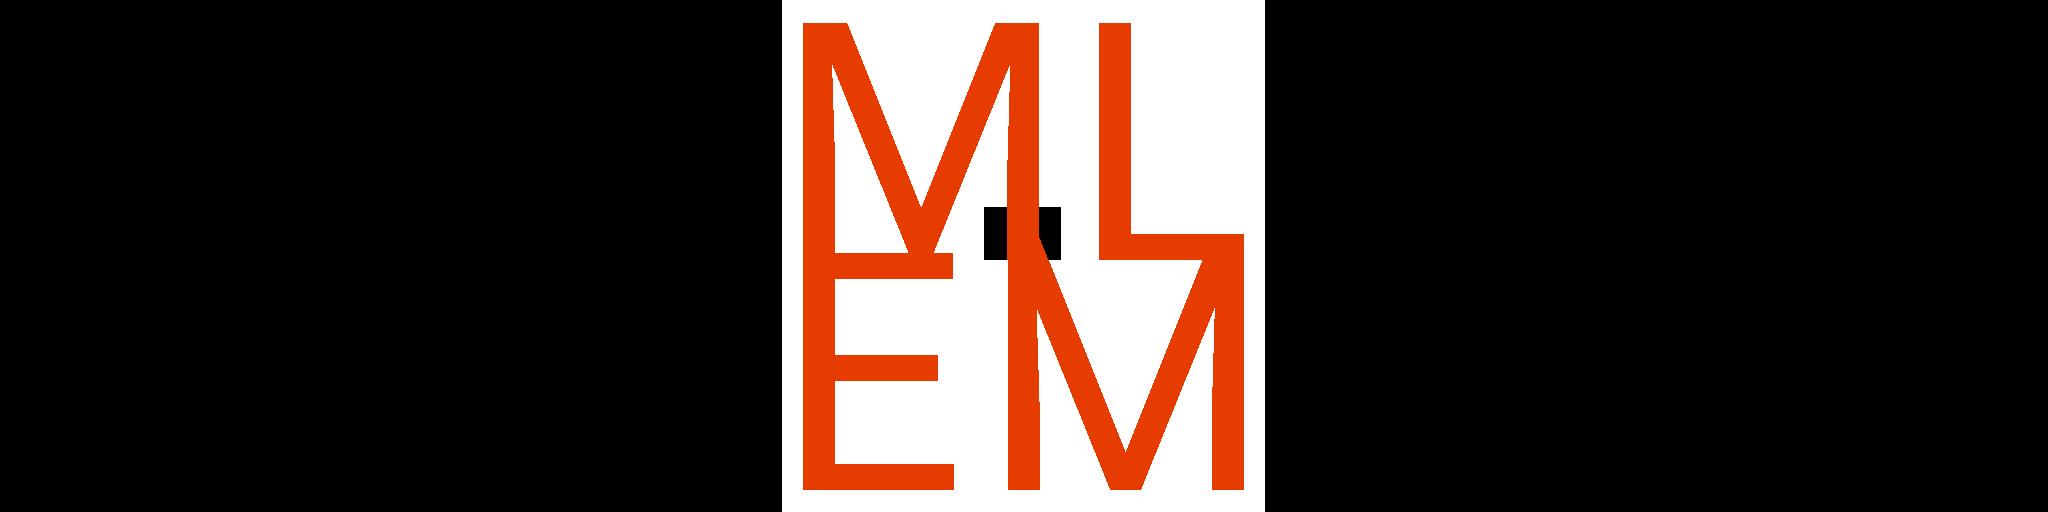 The MLEM logo